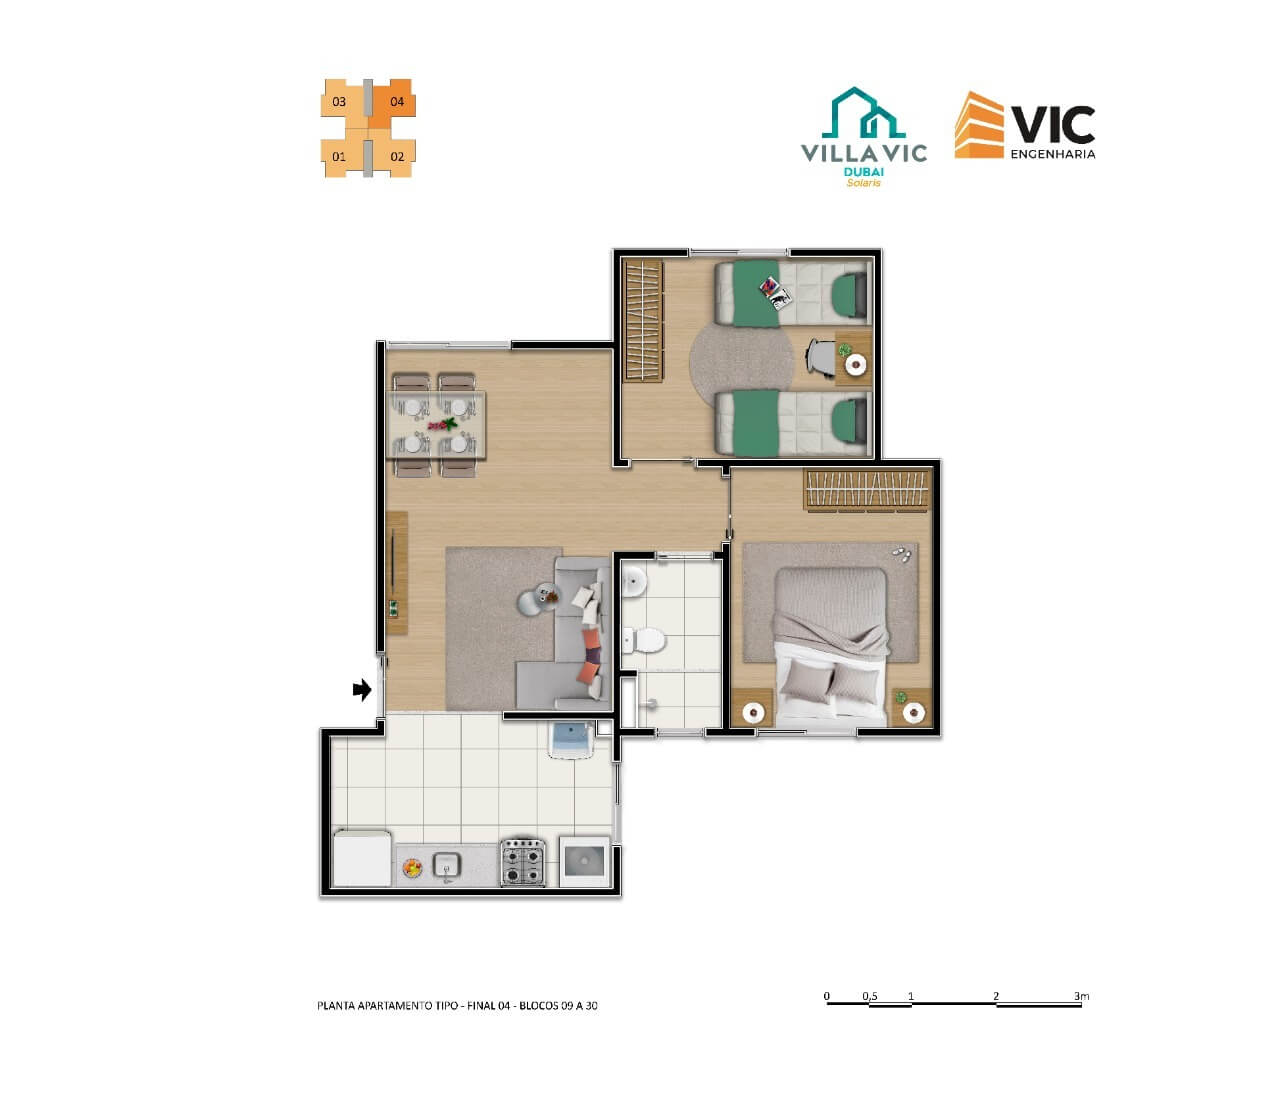 vic-engenharia-villa-vic-dubai-solaris-apartamento-tipo-bloco-9-a-30-final-4 (1)